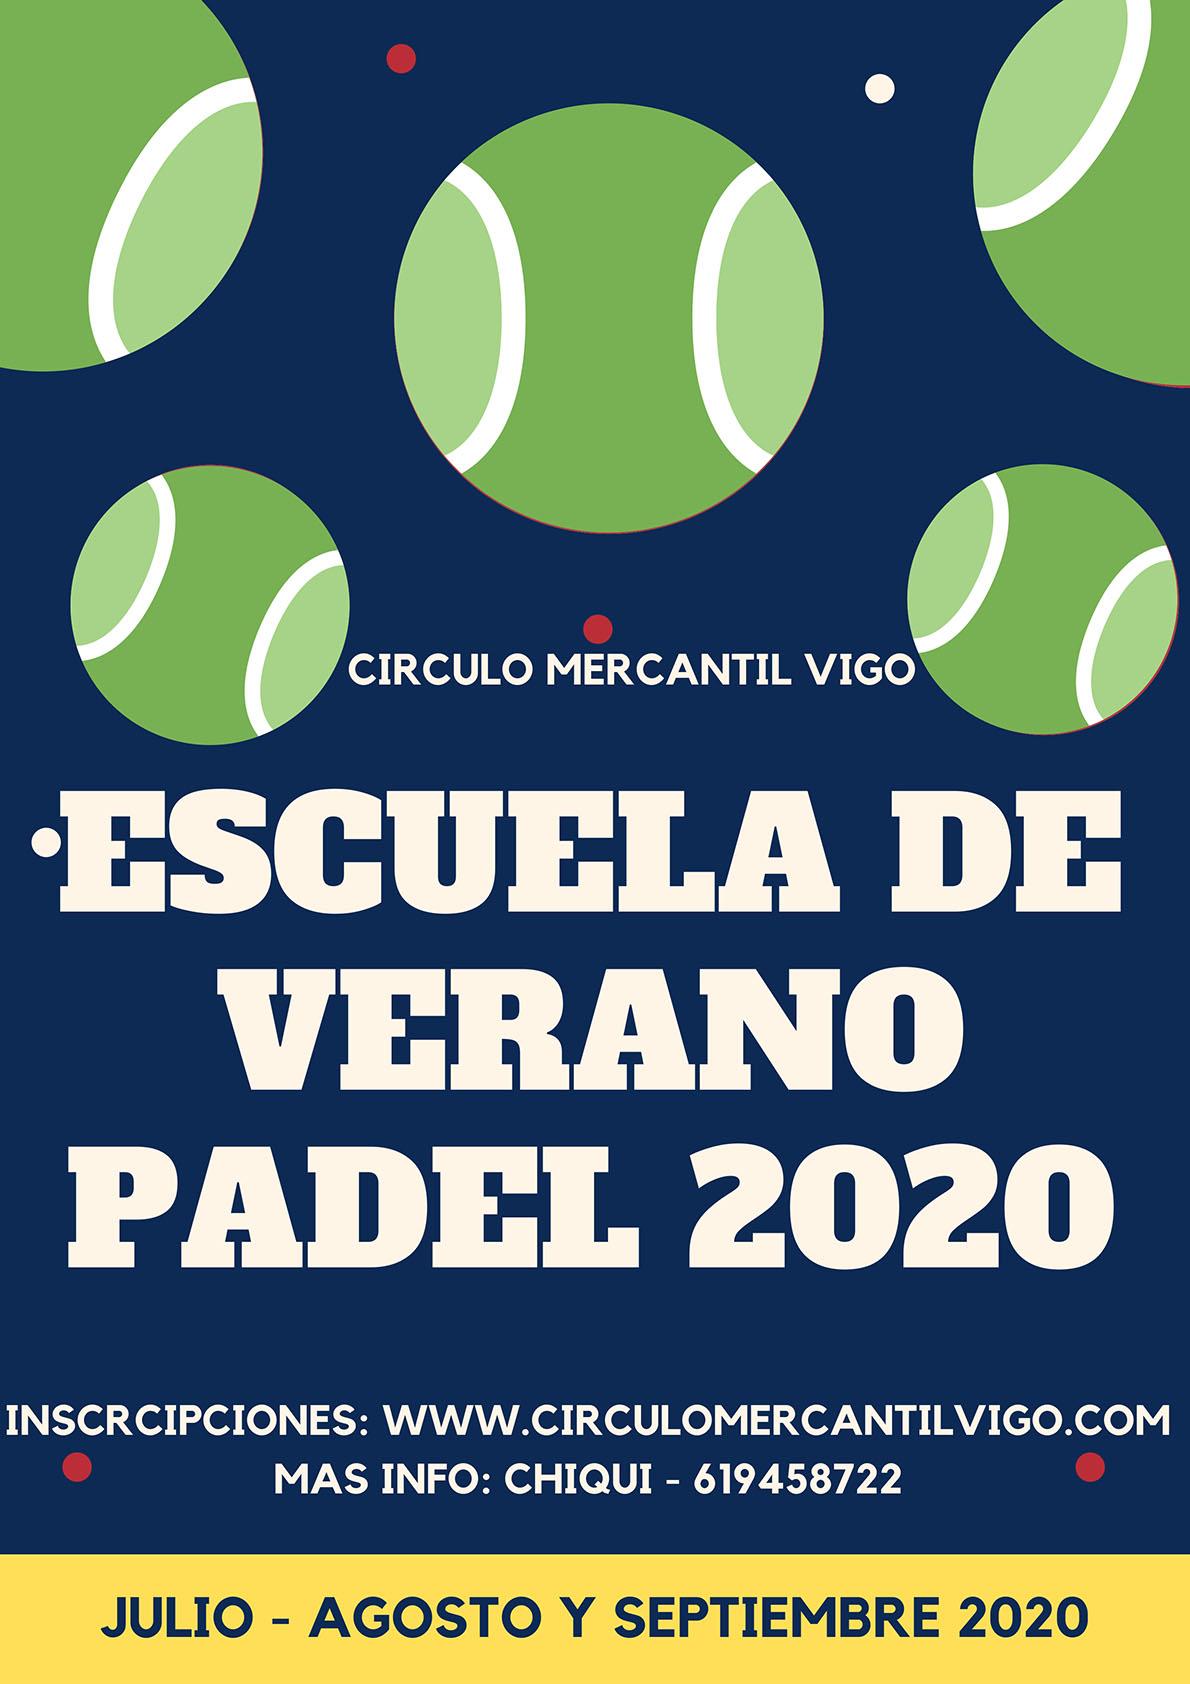 CARTEL ESCUELA DE VERANO PADEL 2020